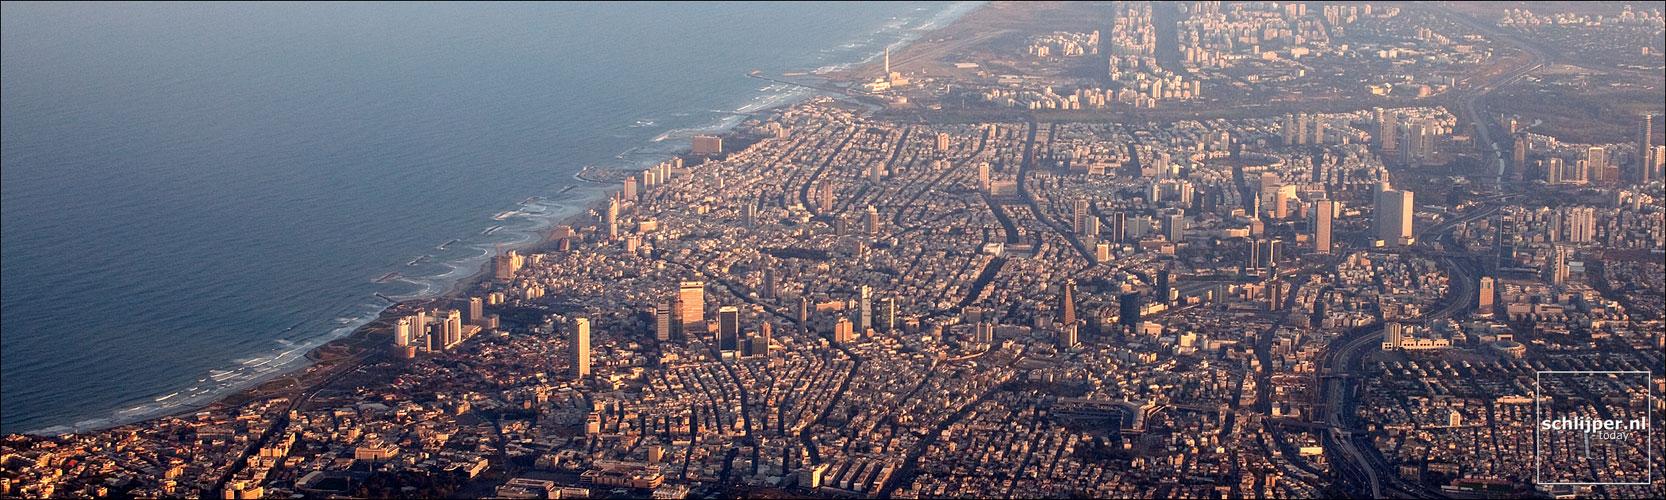 Israel, Tel Aviv, 7 december 2010